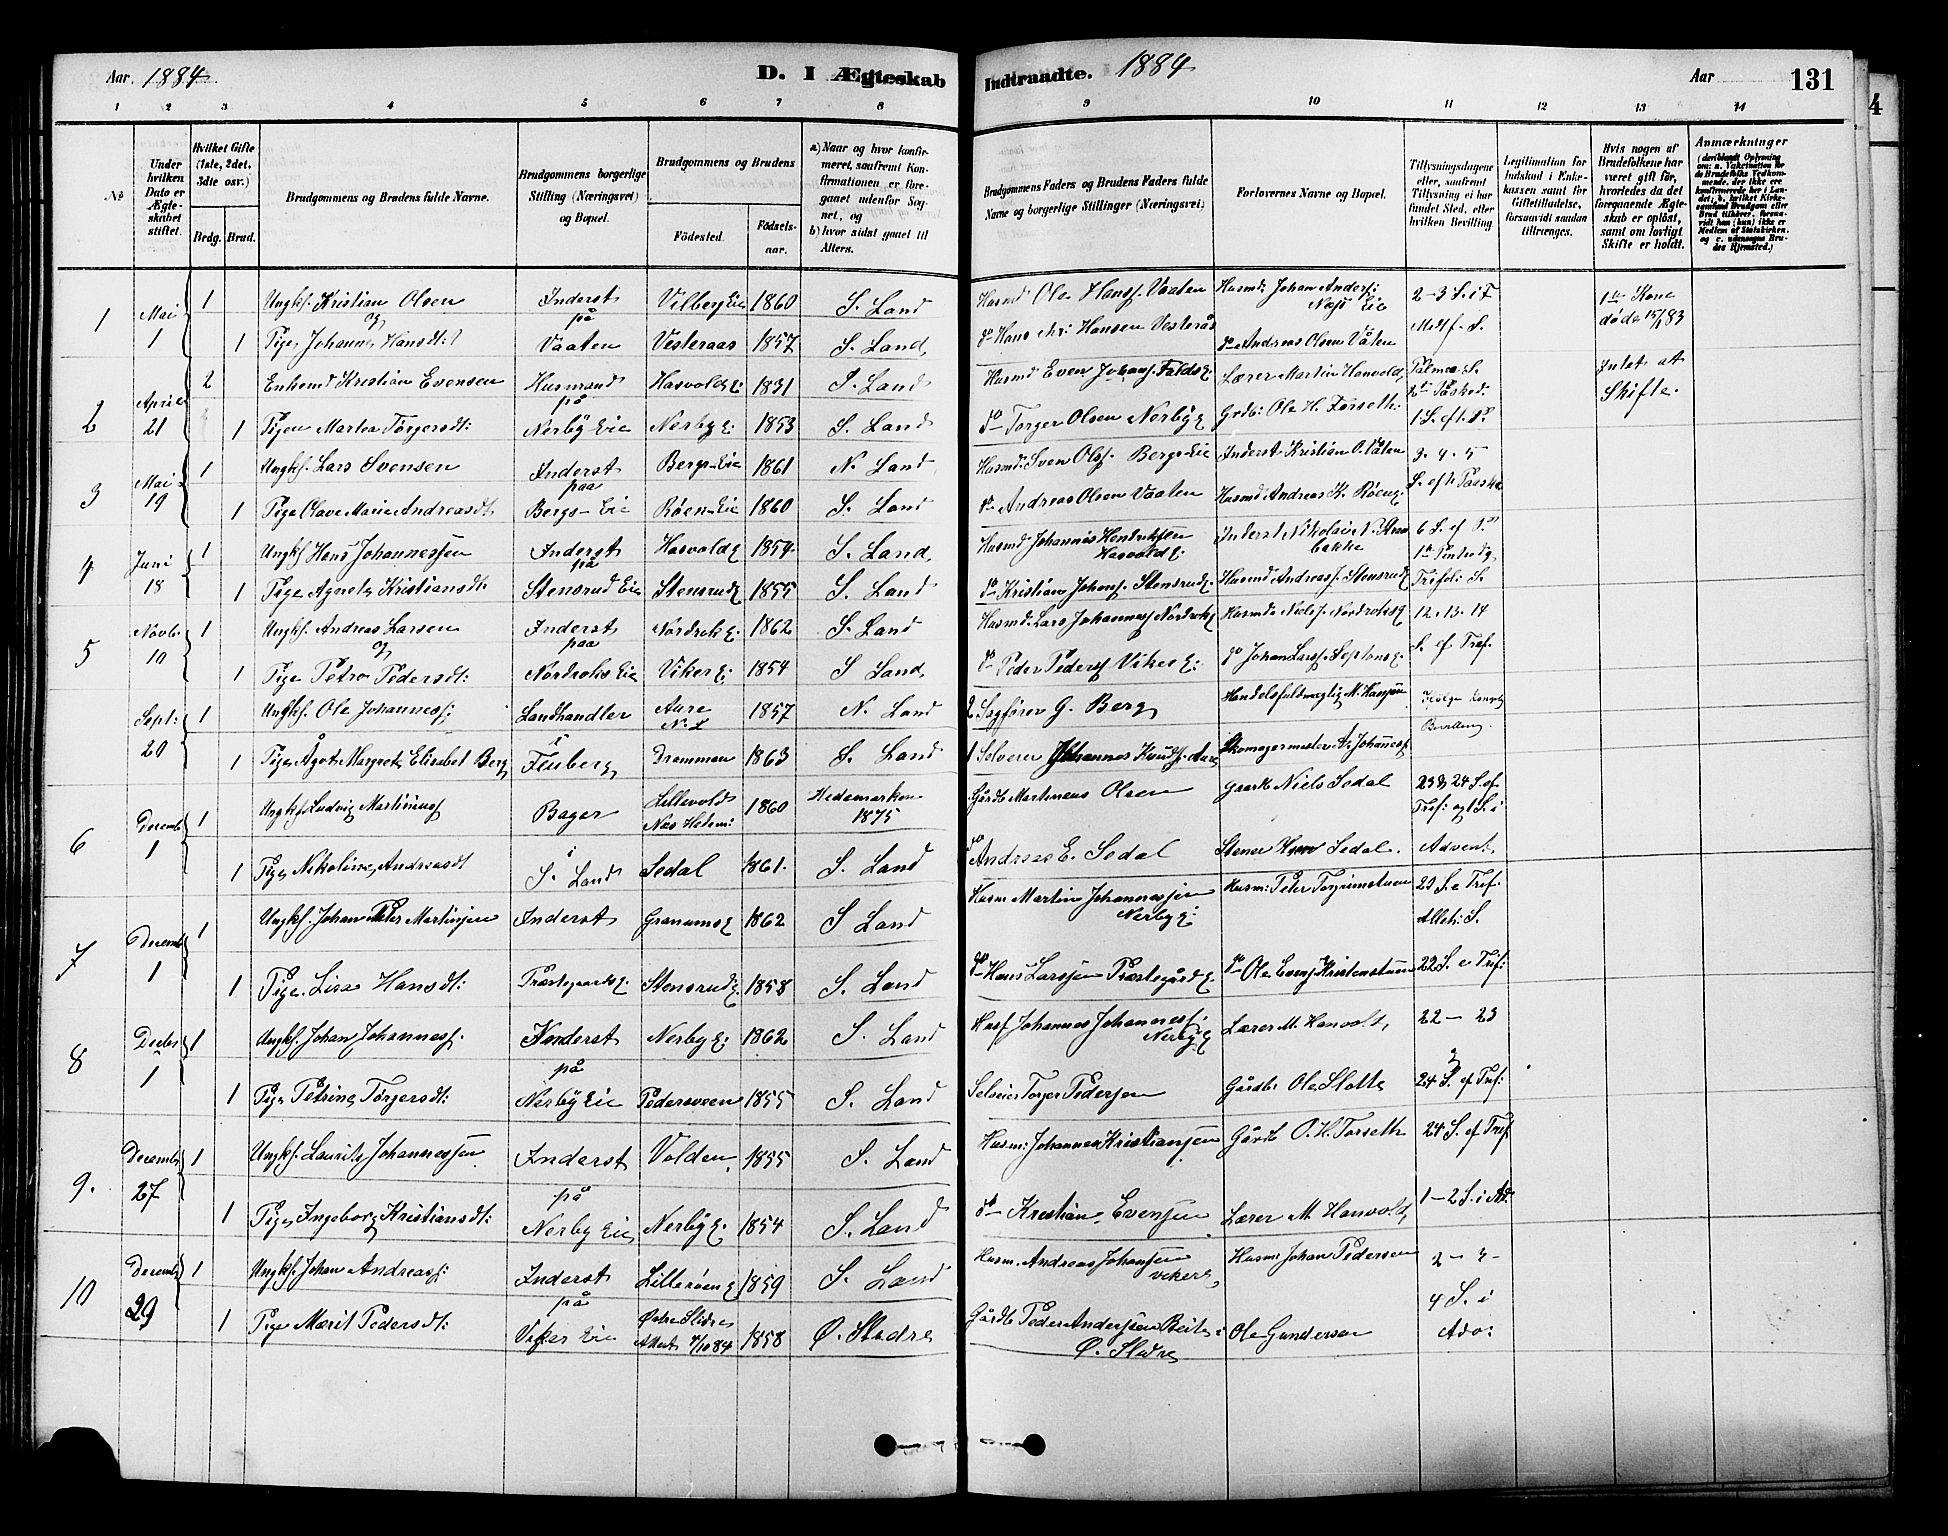 SAH, Søndre Land prestekontor, K/L0002: Ministerialbok nr. 2, 1878-1894, s. 131